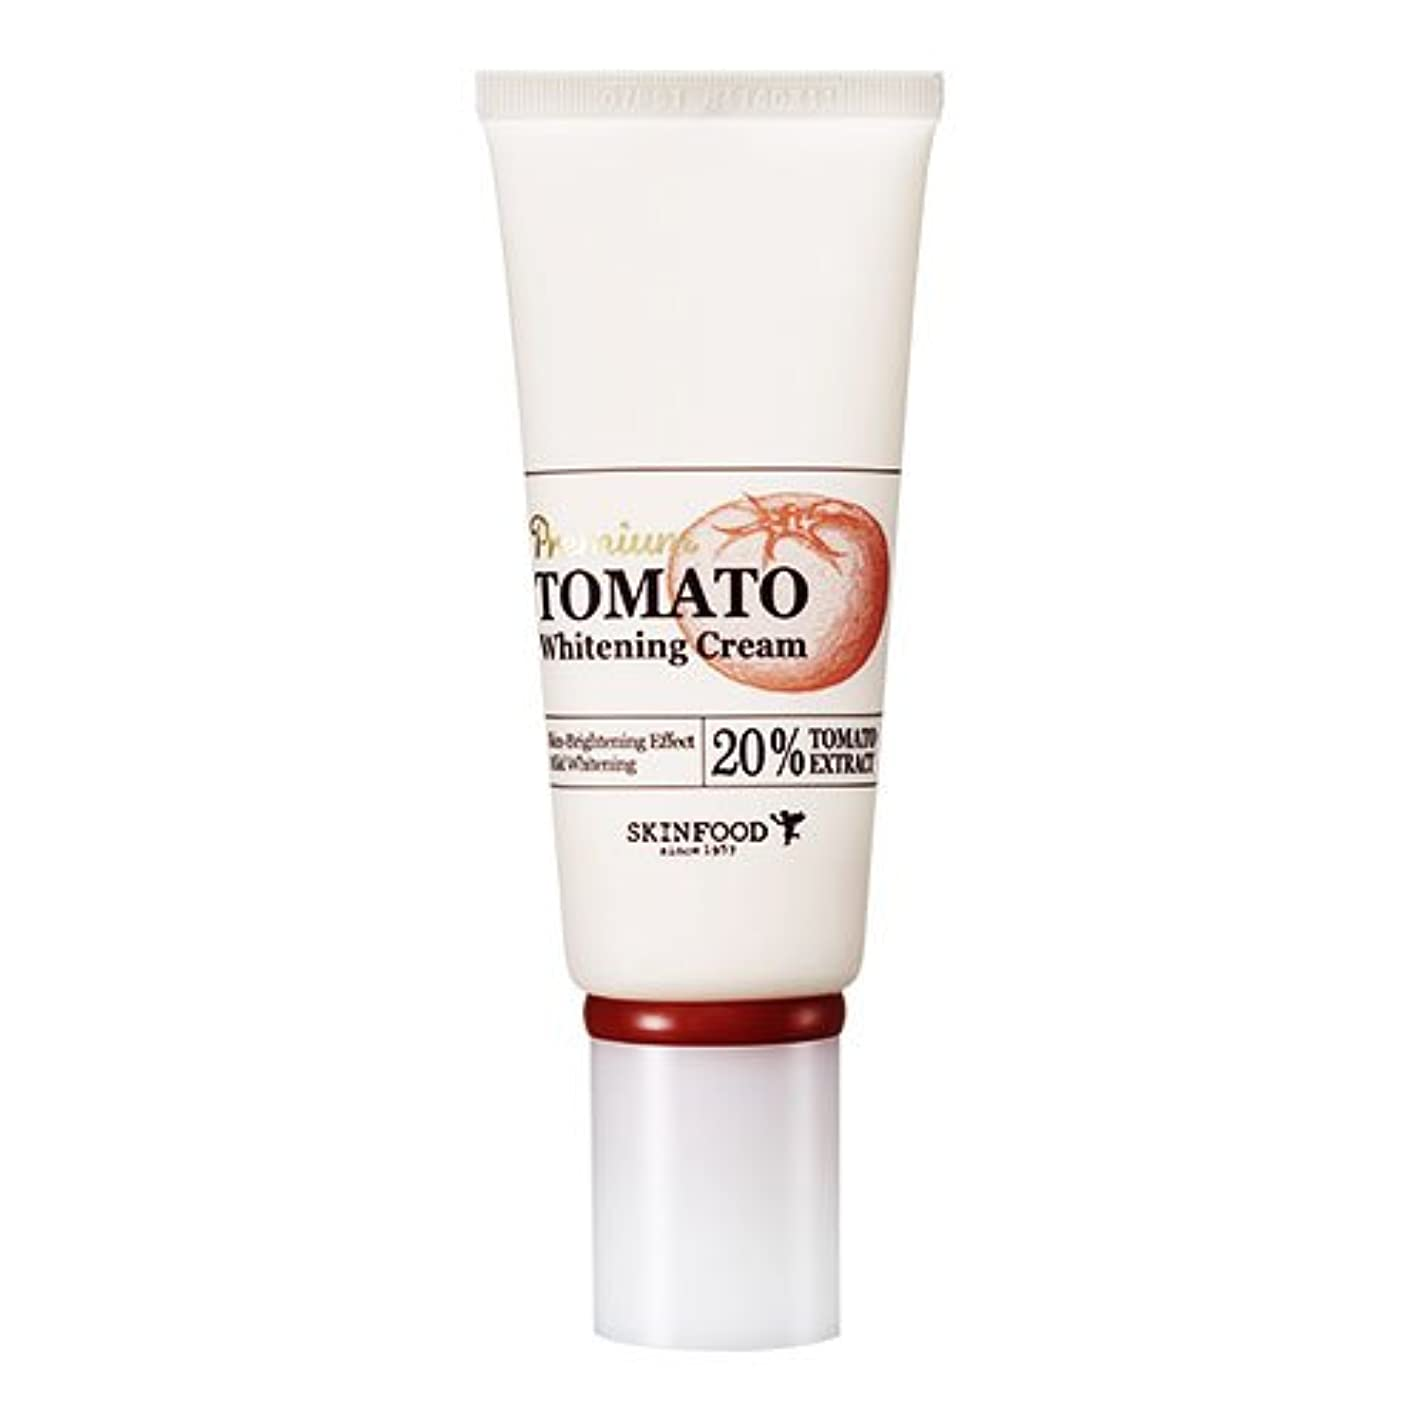 否認する嫌がる興奮するSkinfood プレミアムトマトホワイトニングクリーム(美白効果) / Premium Tomato Whitening Cream (Skin-Brightening Effect) 50g [並行輸入品]